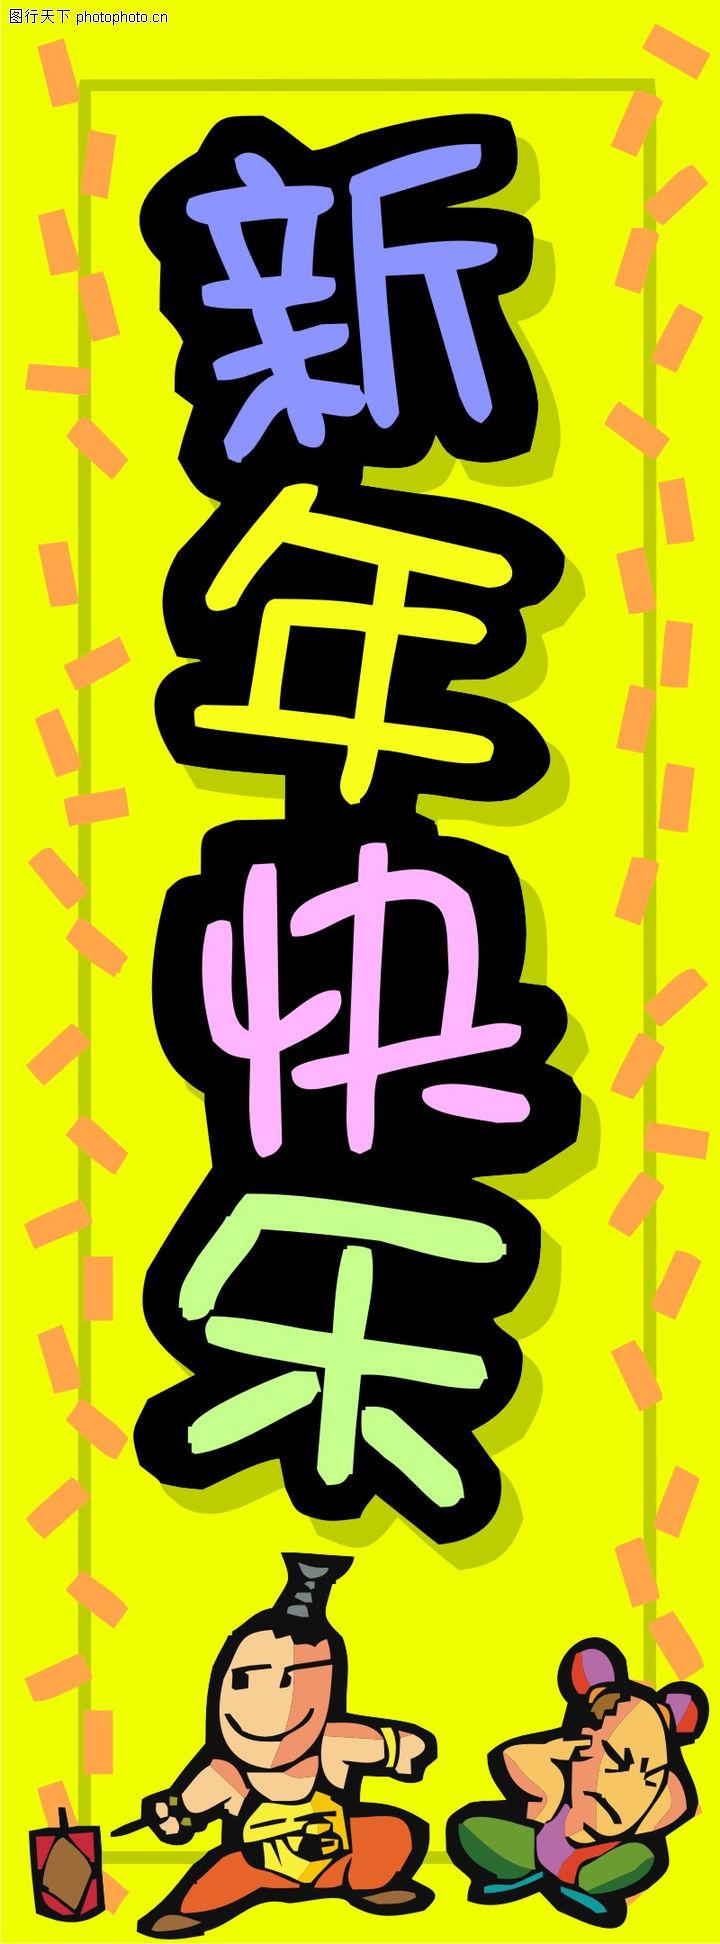 新年pop手绘海报鞭炮